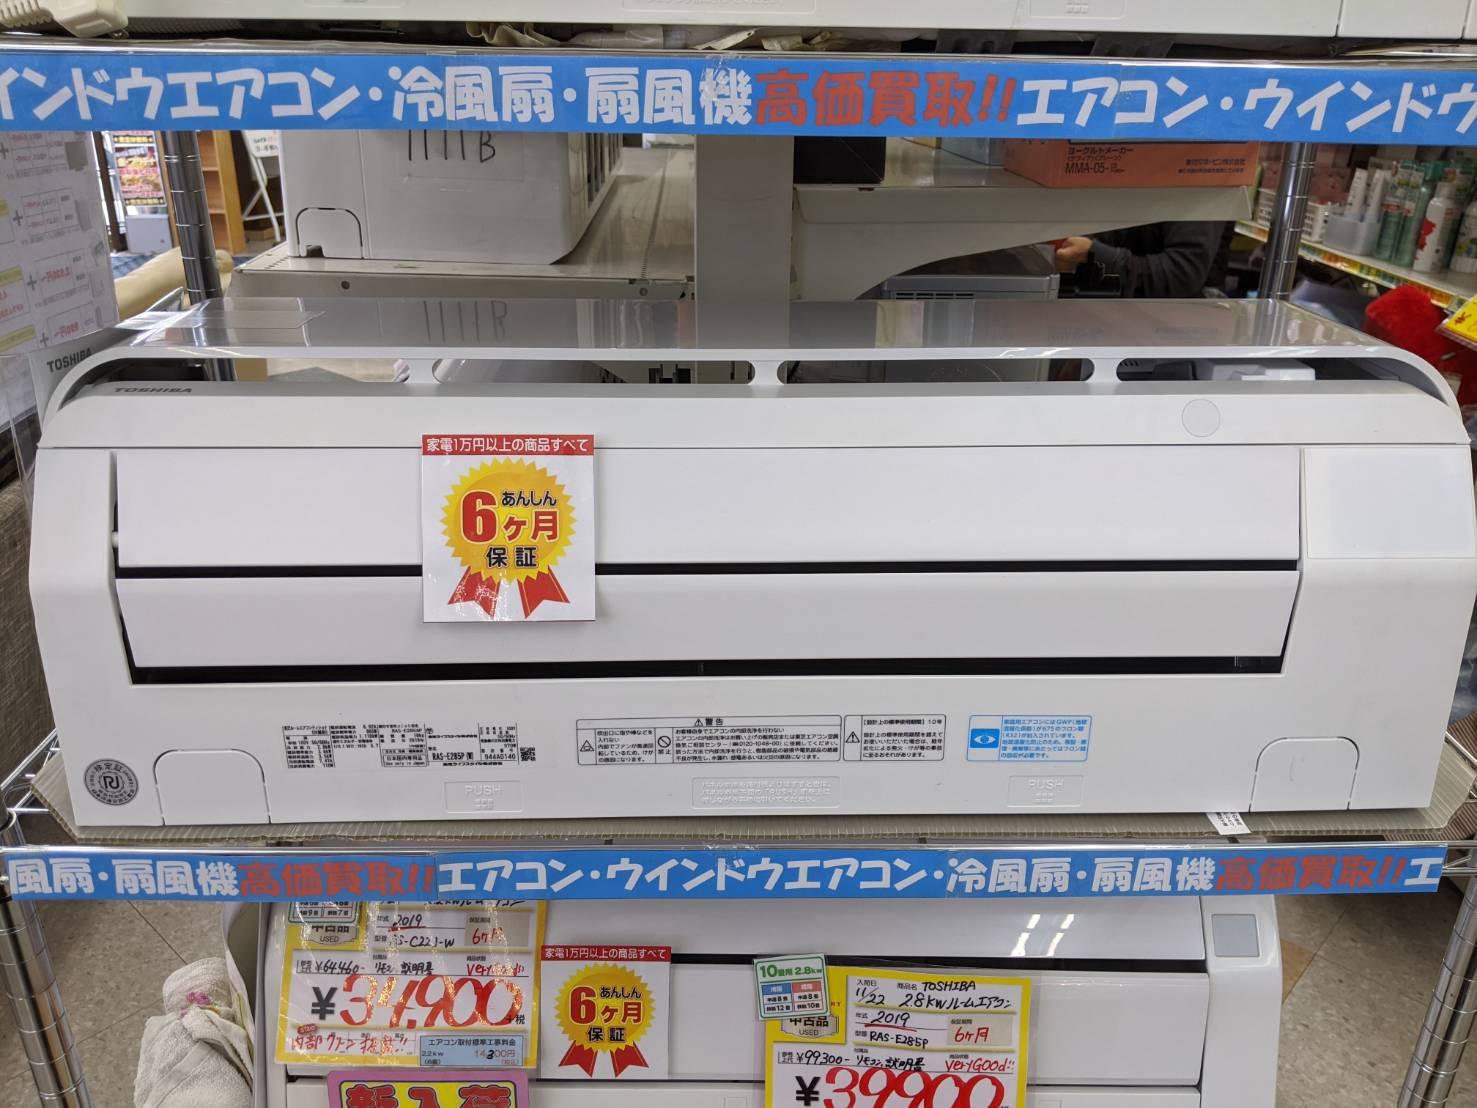 【TOSHIBA/東芝 2.8kwルームエアコン RAS-E285P 2019年式 ~8畳用】を買取致しました。の買取-